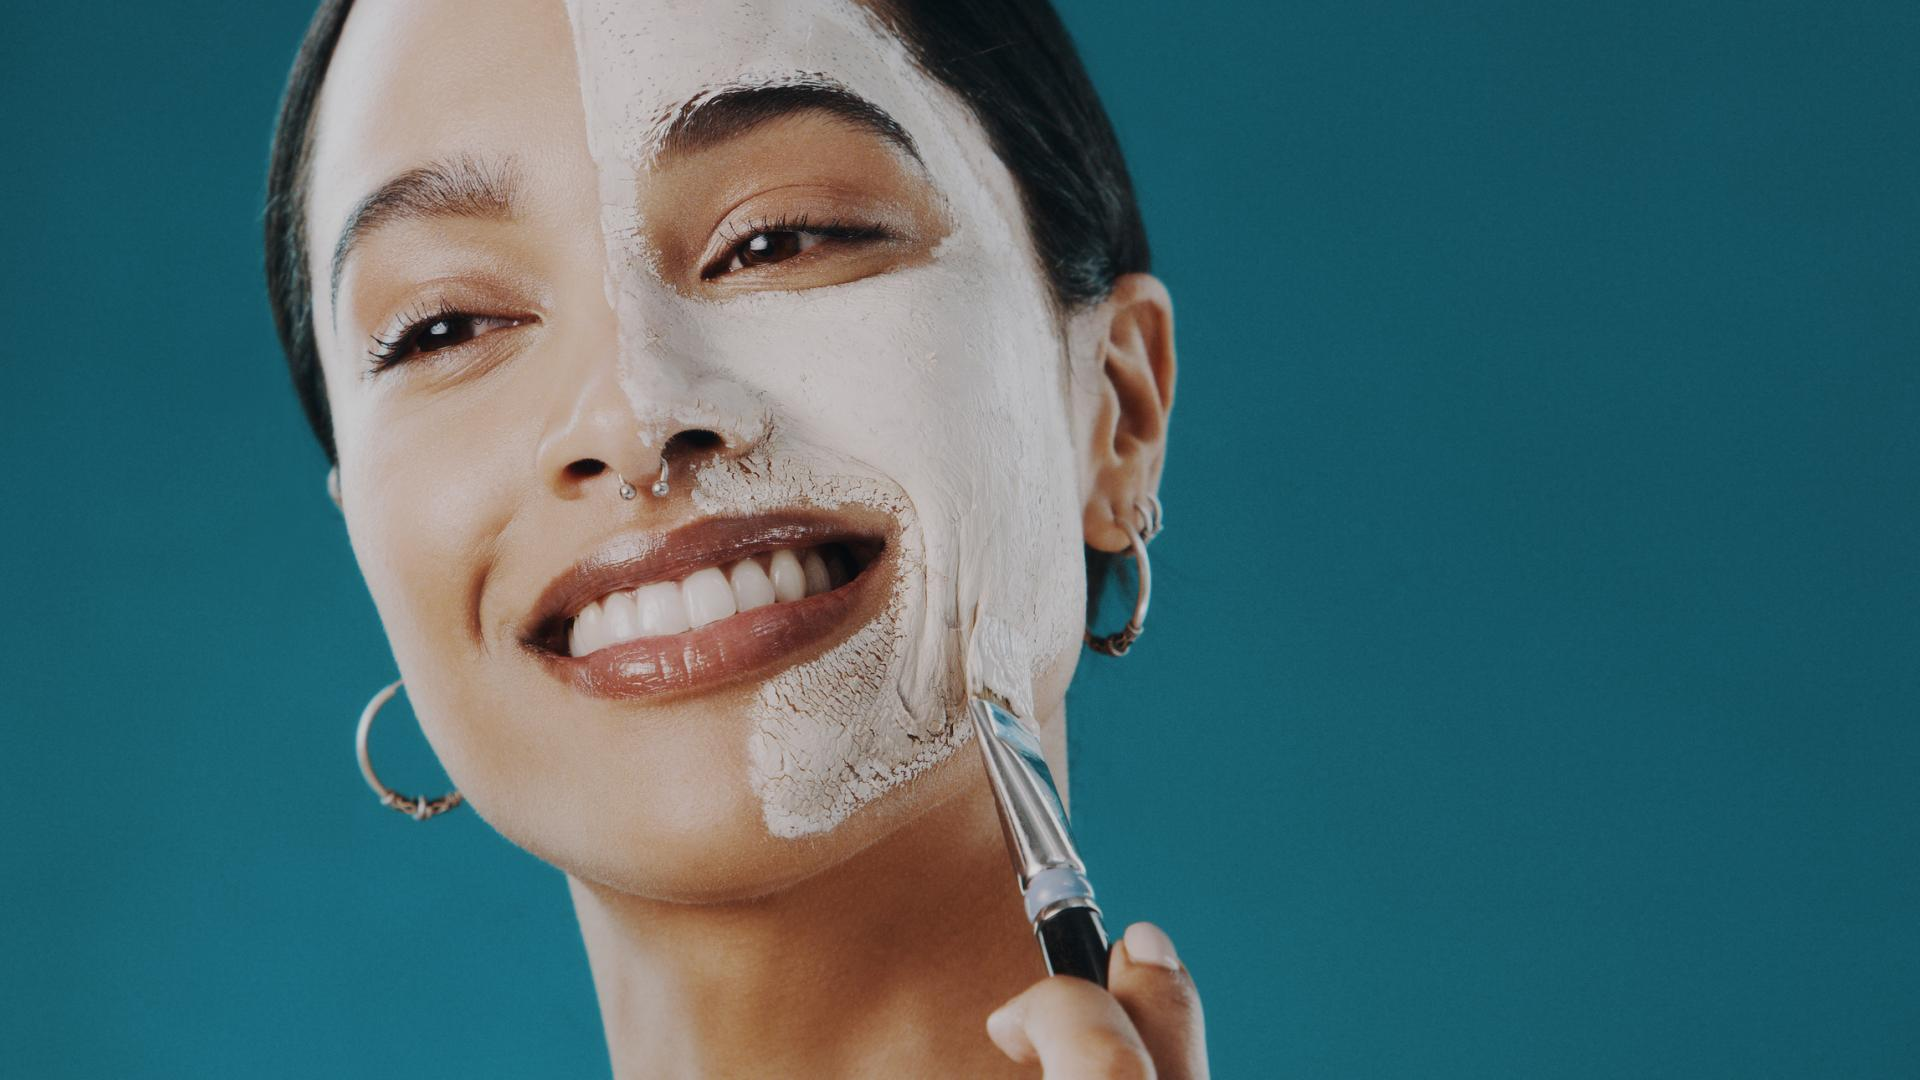 maske beauty frau peeling chemisch